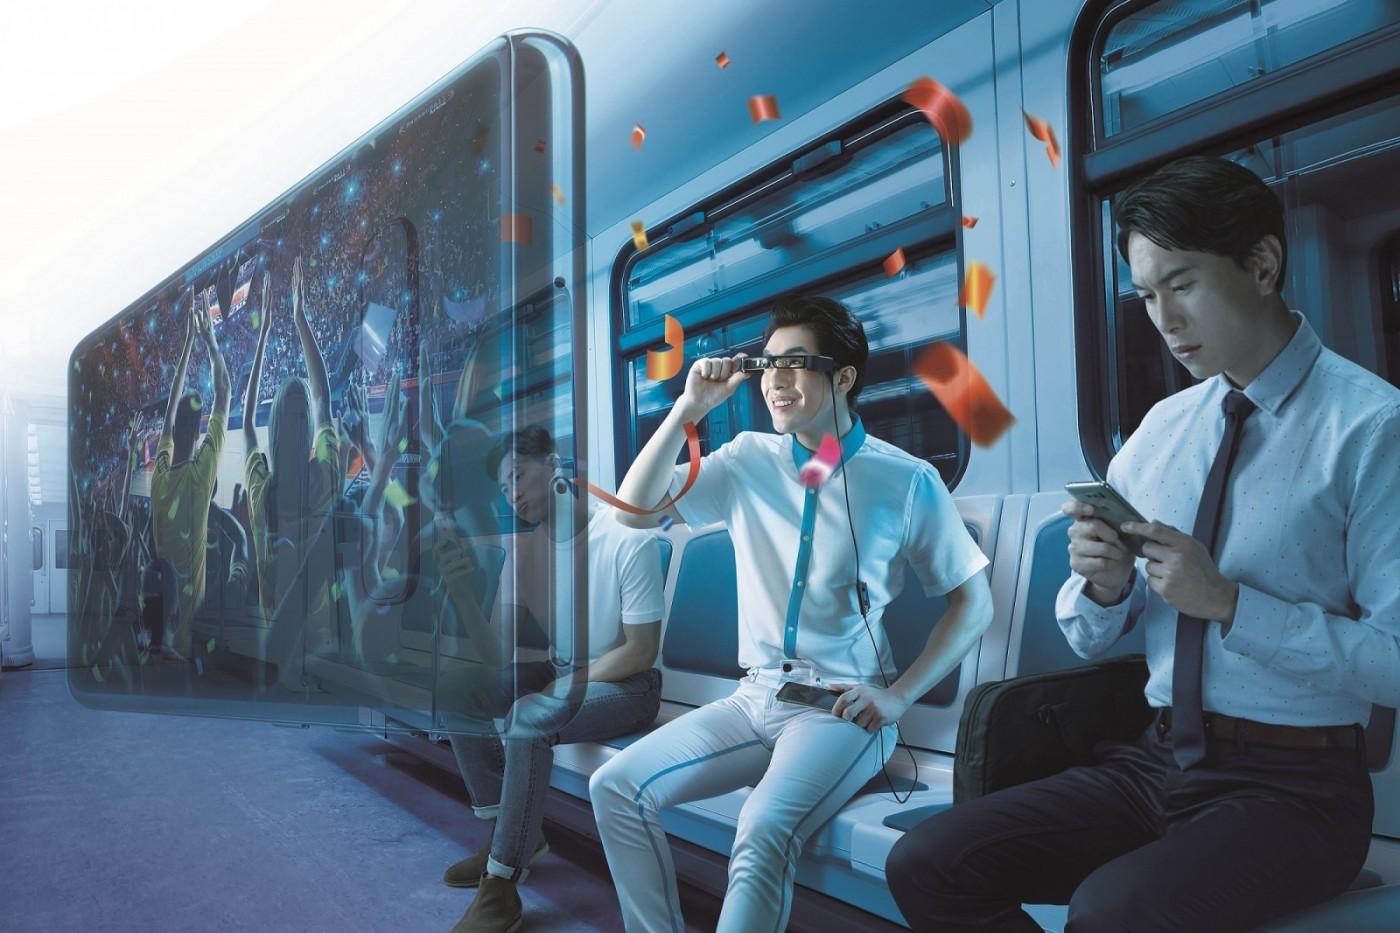 高通AR眼鏡來自台灣!汐止3.5億元小企業年燒億元研發,技術好到連Google都好奇